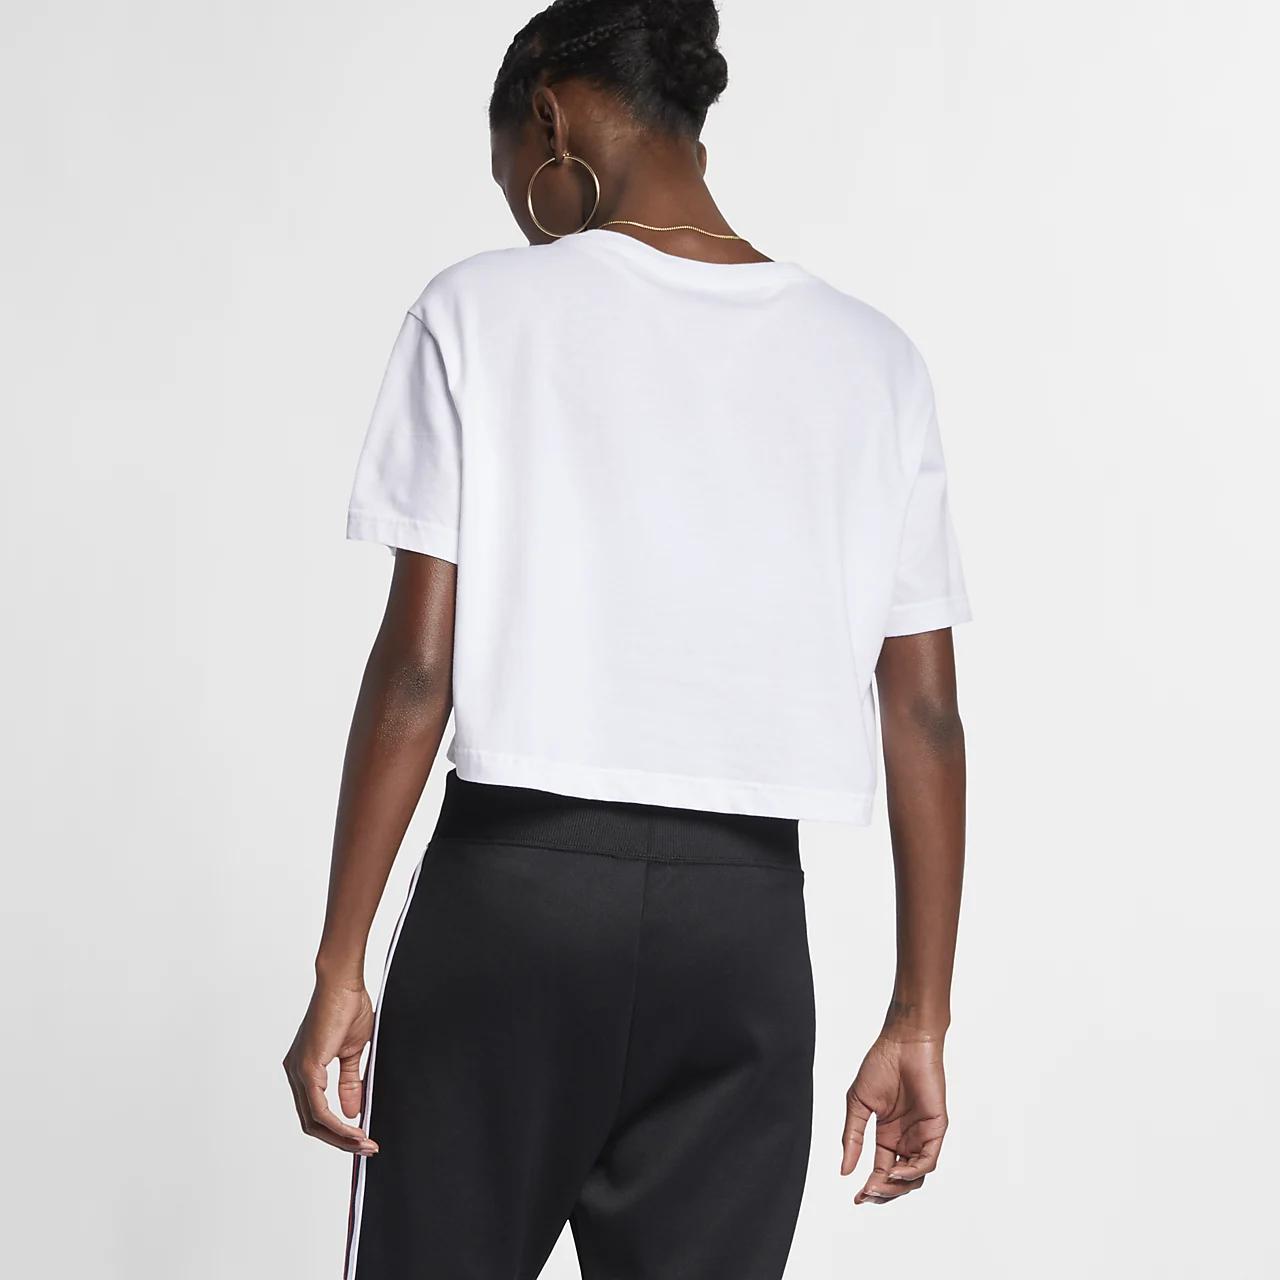 나이키 스포츠웨어 에센셜 여성 크롭 티셔츠 BV6175-100